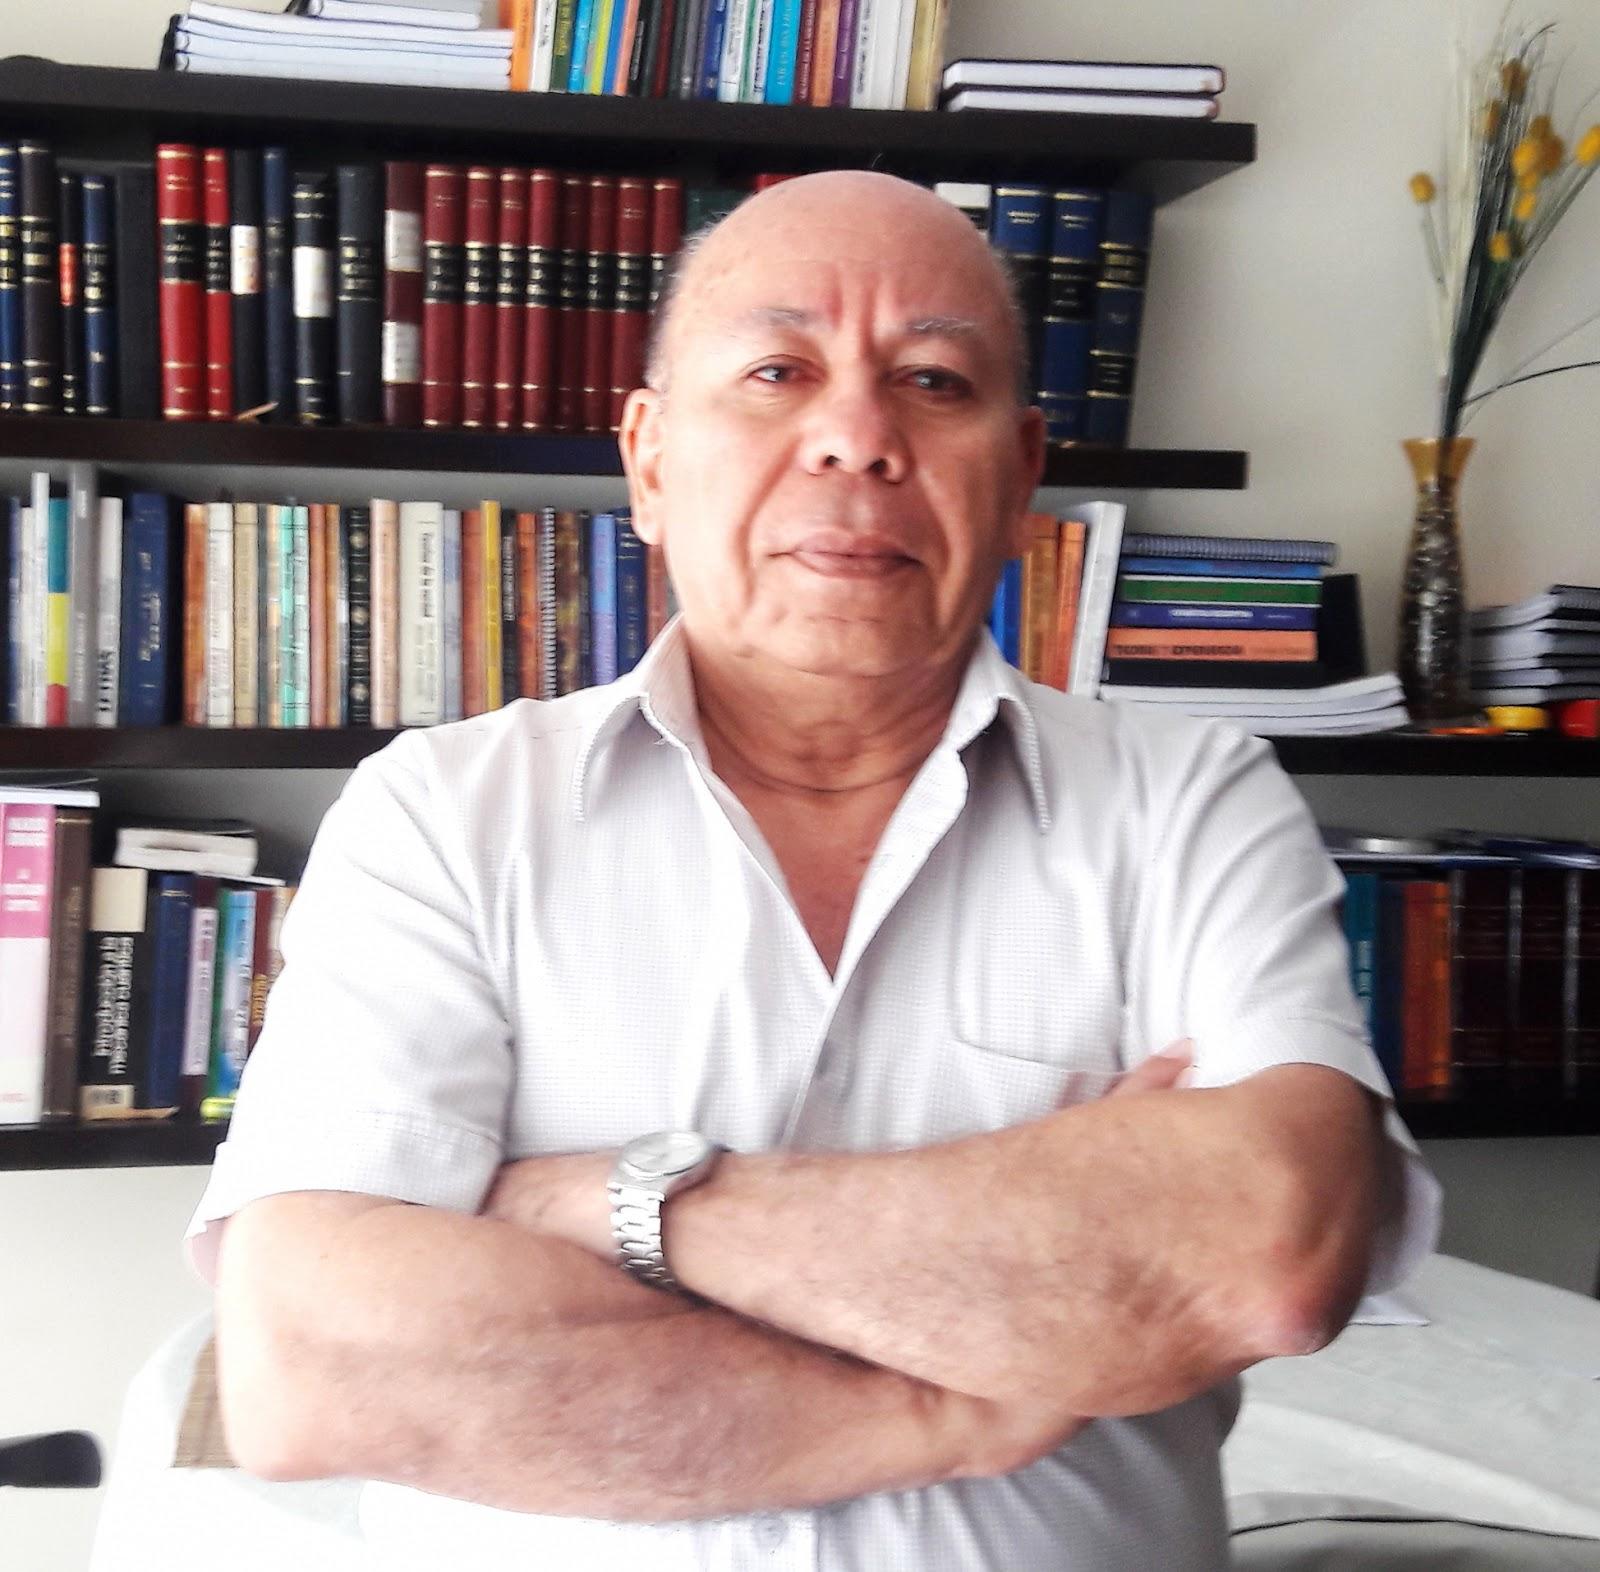 Magister Ludi Sobre La Justicia A Raiz De Unas Denuncias